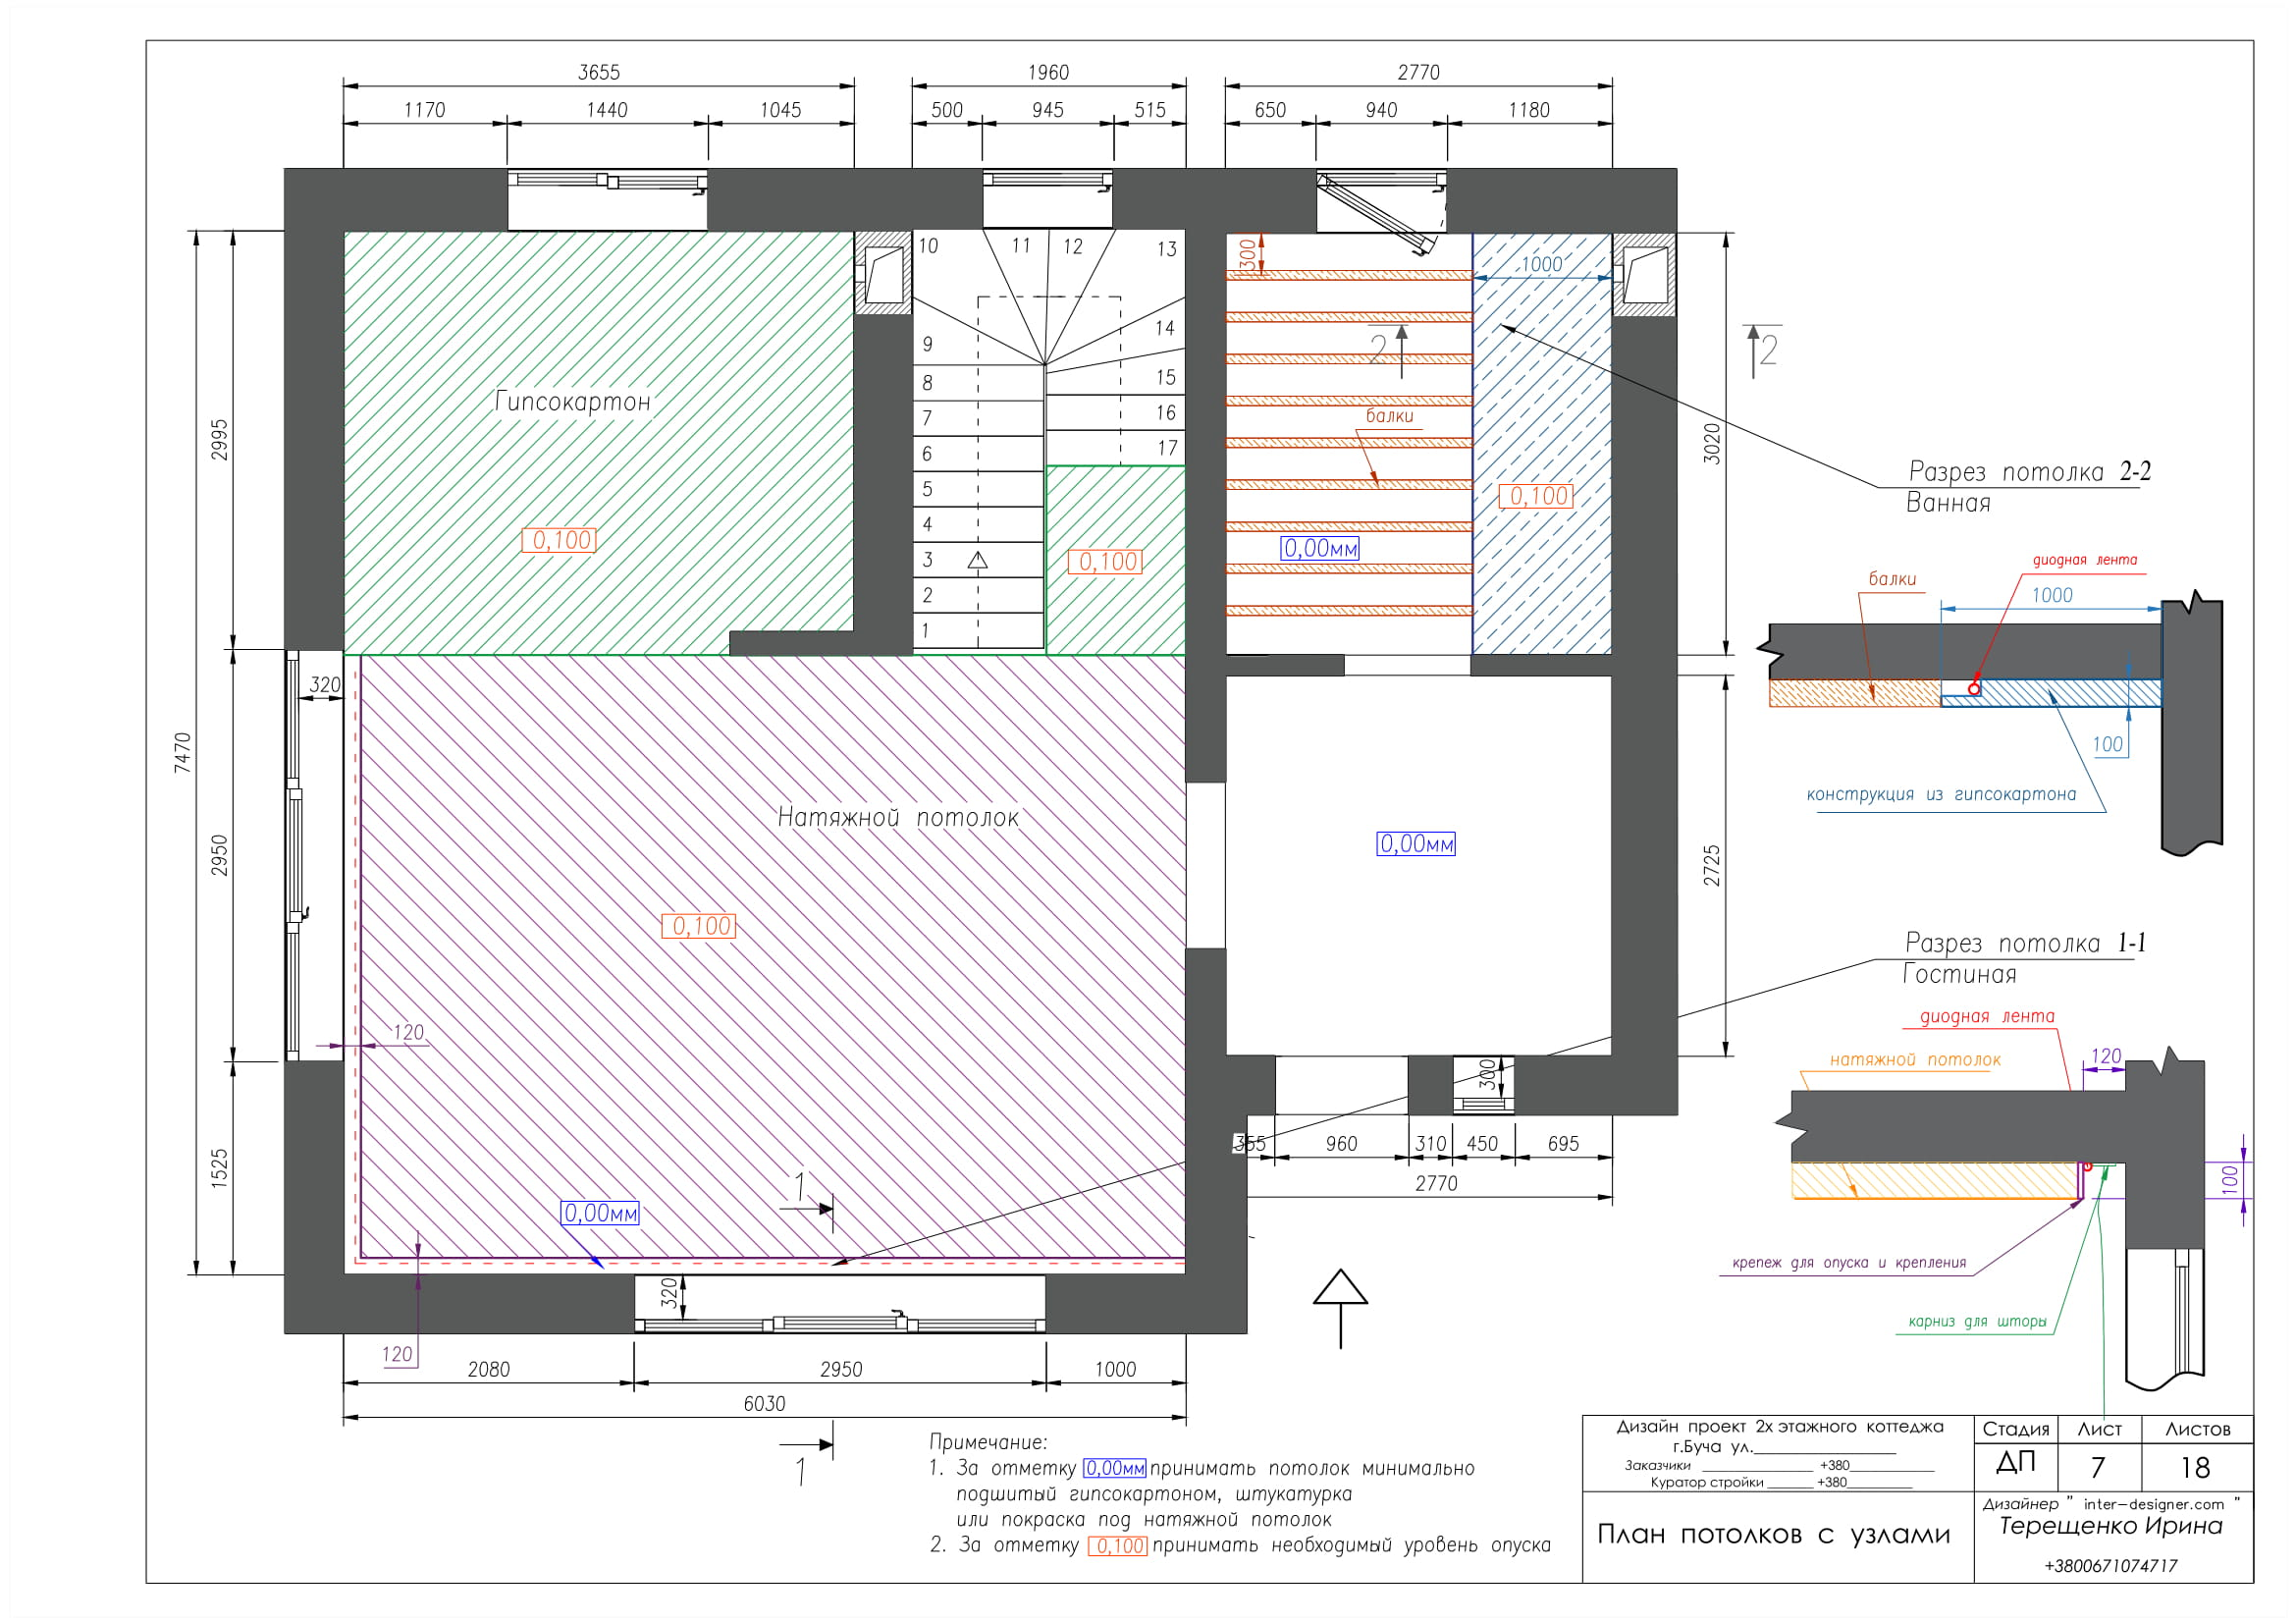 Дизайн проект. Ирина Терещенко. Пример пакета проектной документации, слайд 7